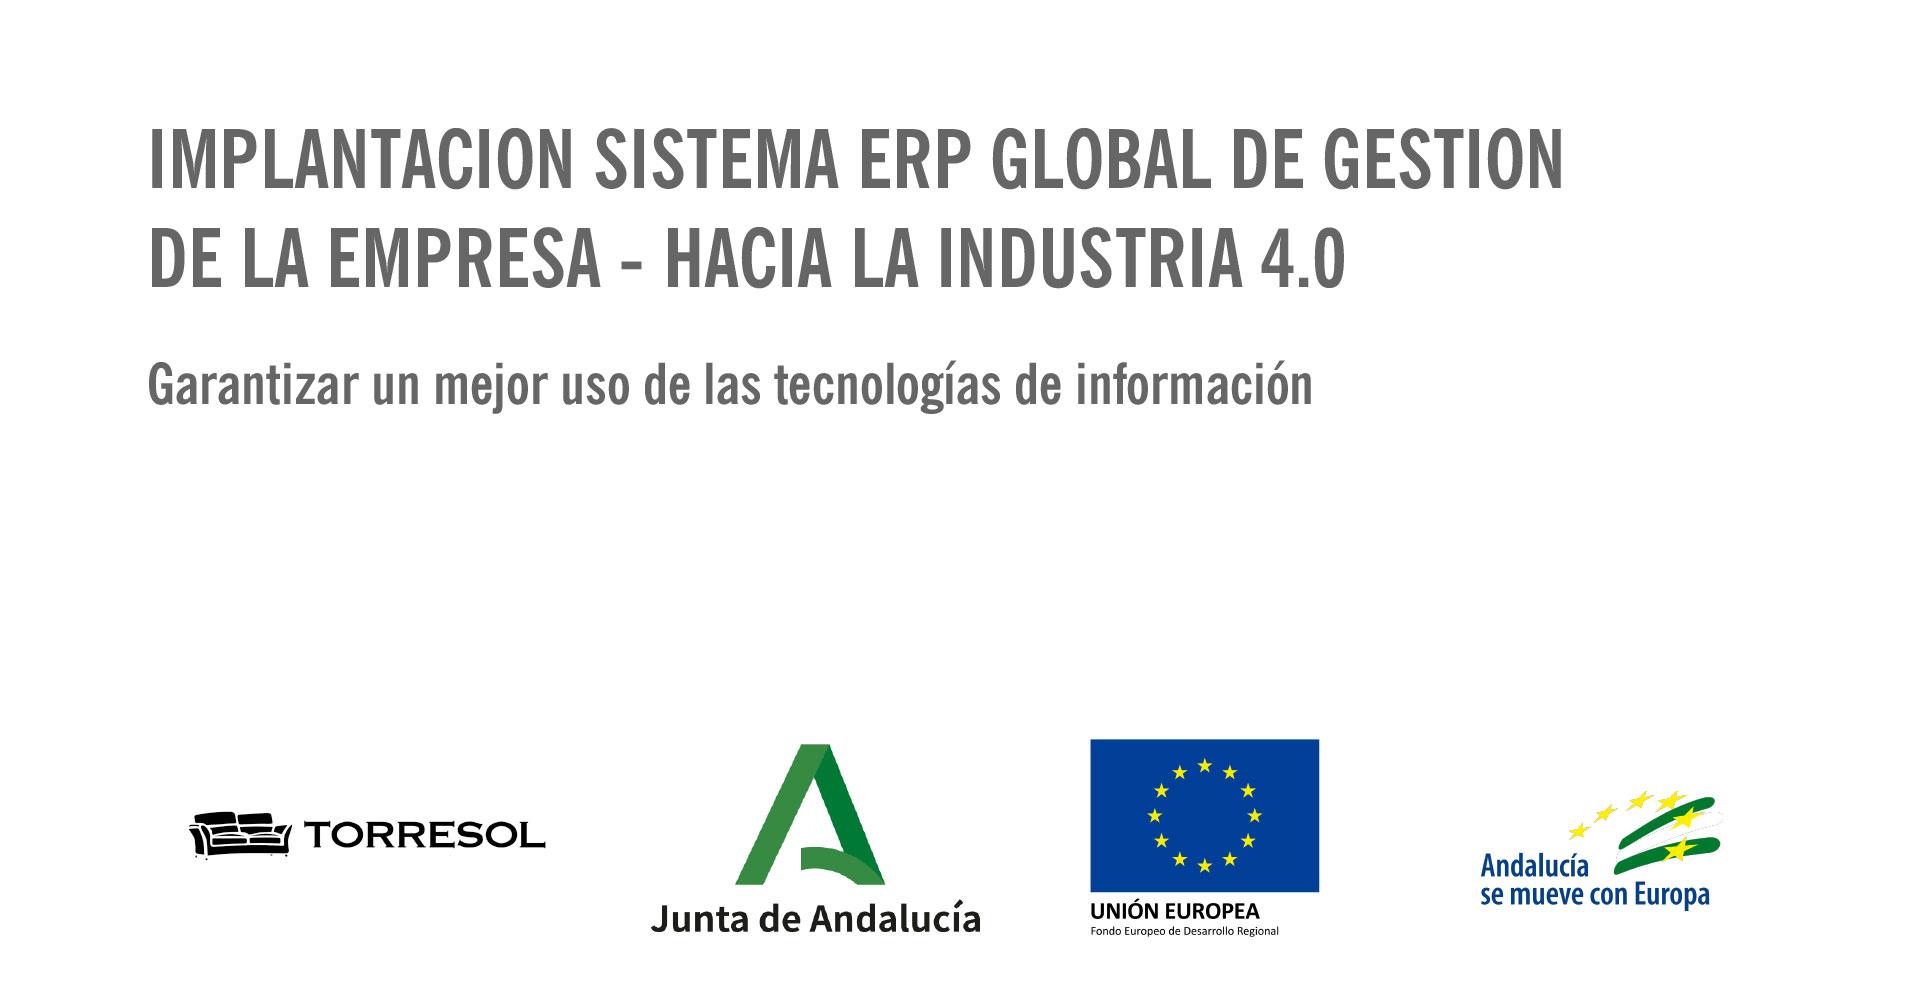 Implantación sistema ERP Global de Gestión de la empresa.